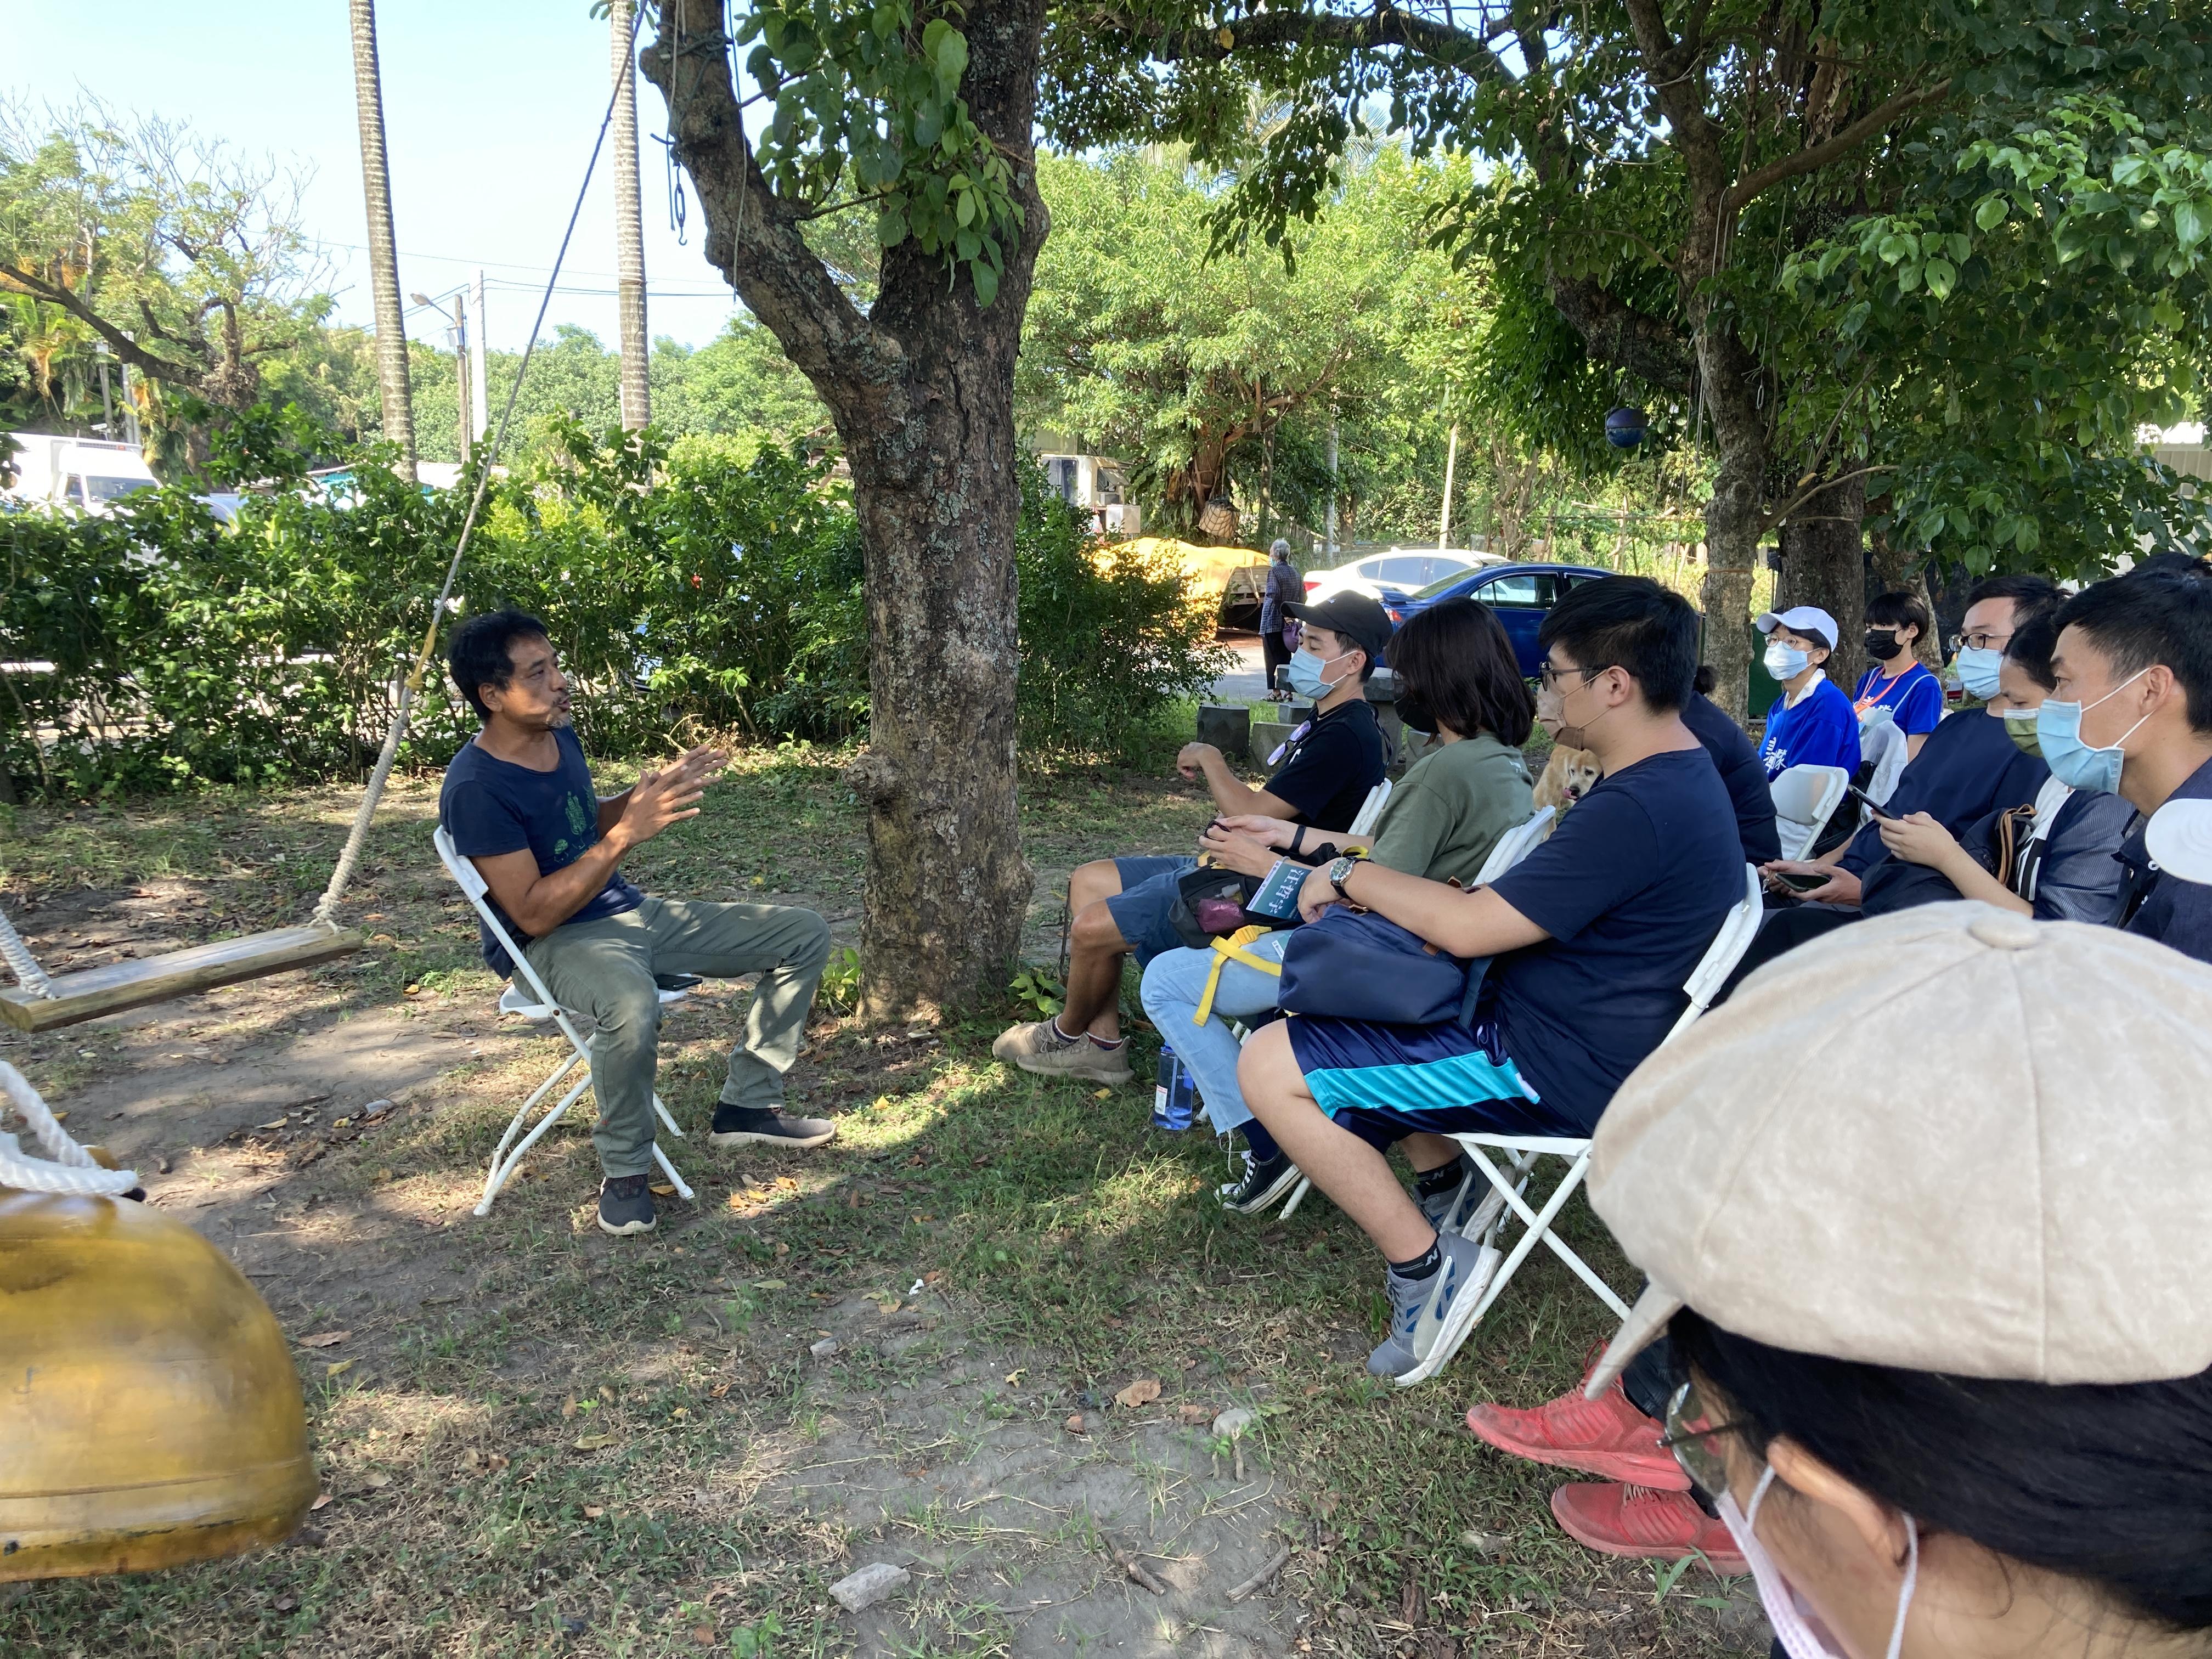 圖九:廖誌汶老師在社區裡的公園和學員進行經驗分享/攝影:宗洧